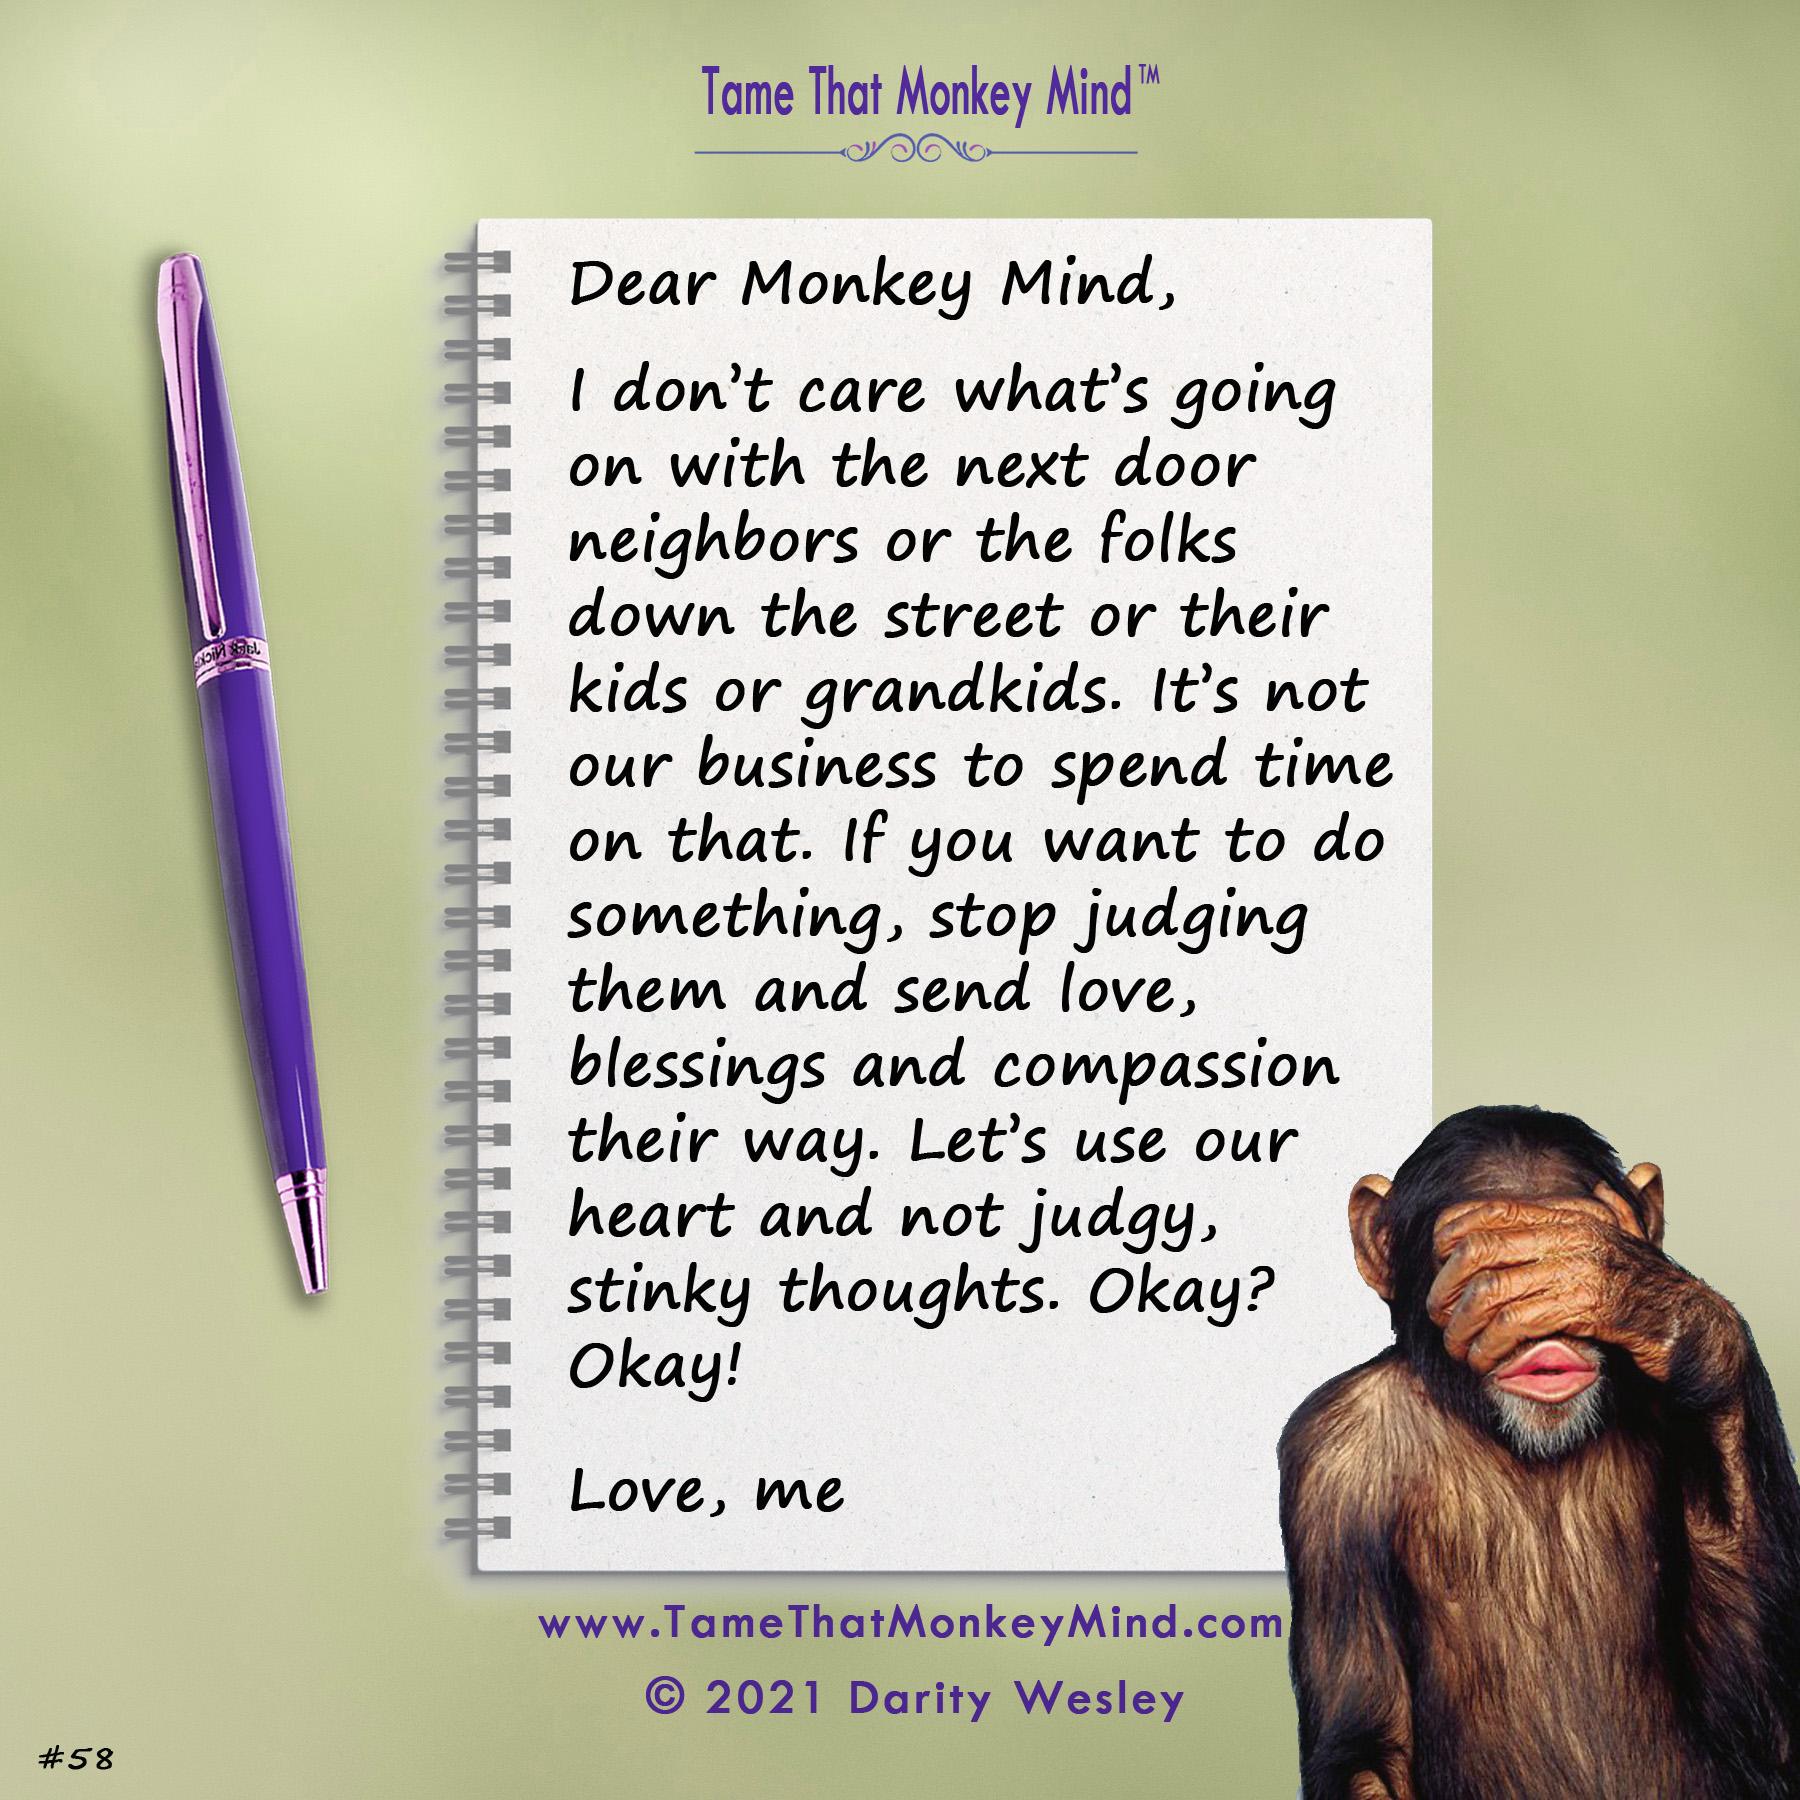 Dear Monkey Mind #58a